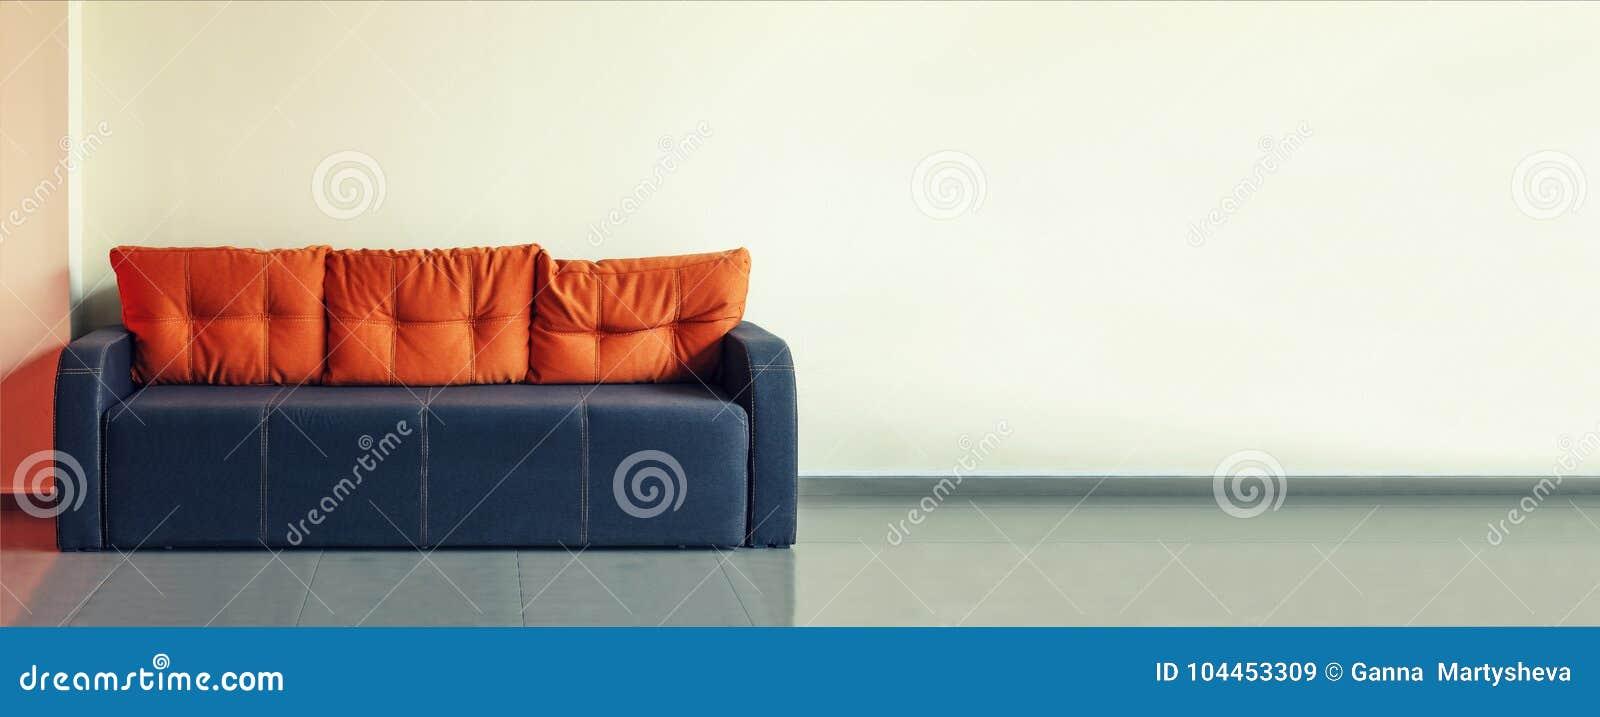 Soffa inredesign, kontor Tomt väntande rum med en modern blå soffa med guling dämpar framme av dörren och en klocka på